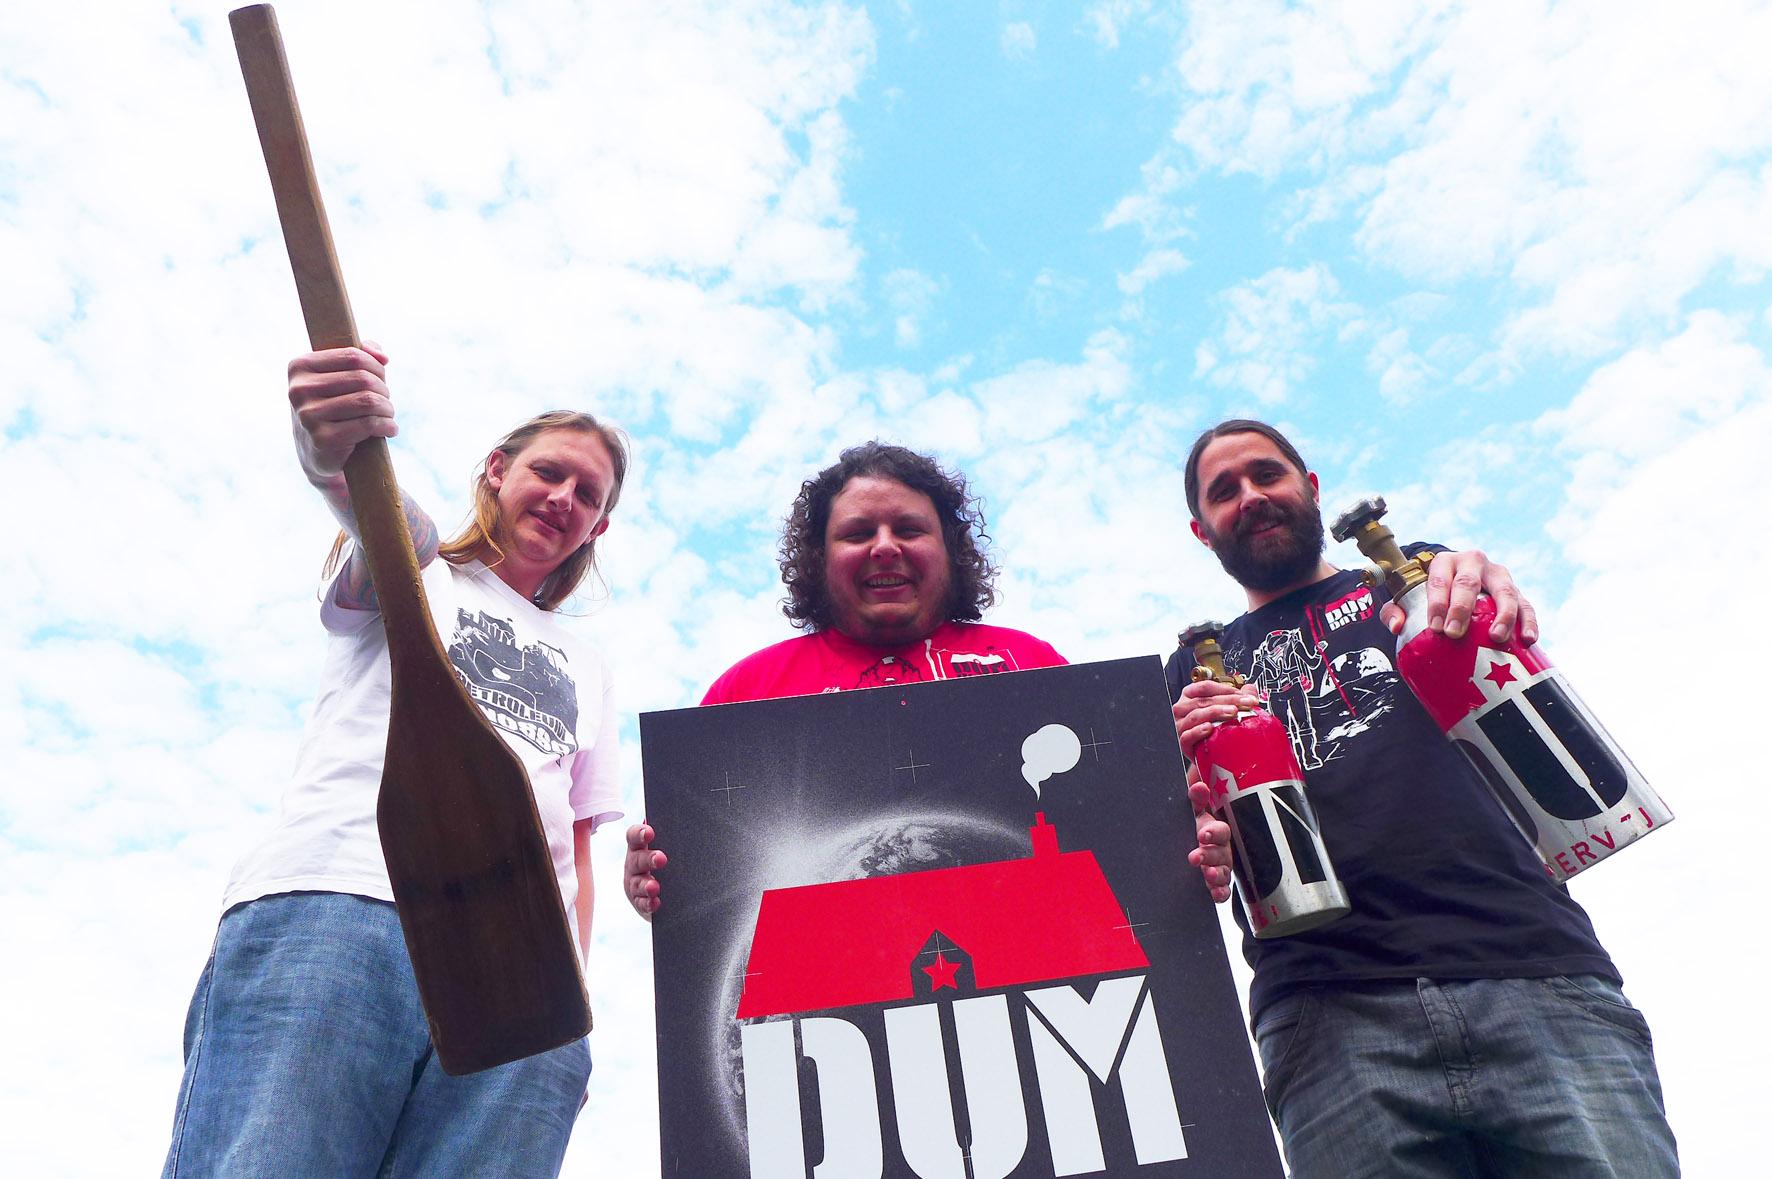 Murilo Foltran, Luiz Felipe Araujo e Júlio Moutinho, cervejeiros da DUM, comemoram quatro anos de atividades com novo rótulo. (Foto: Divulgação)